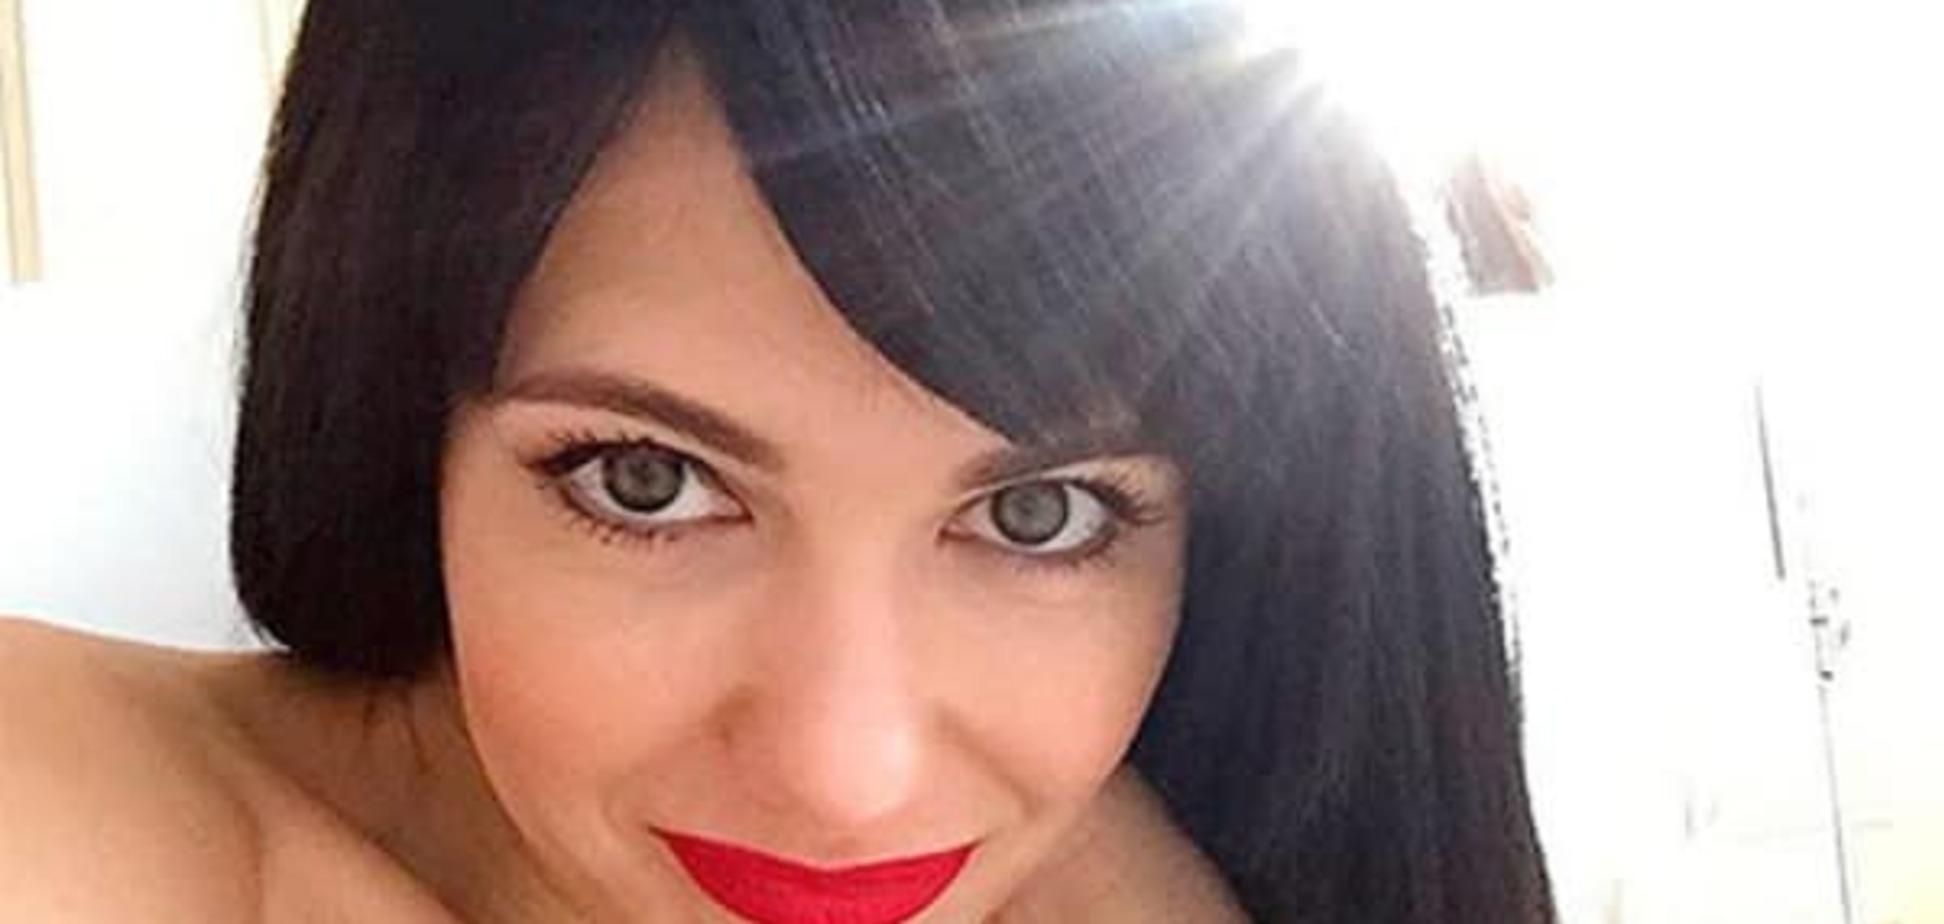 Екатерина Климова шокировала внешним видом: звезда стала неухоженной домохозяйкой